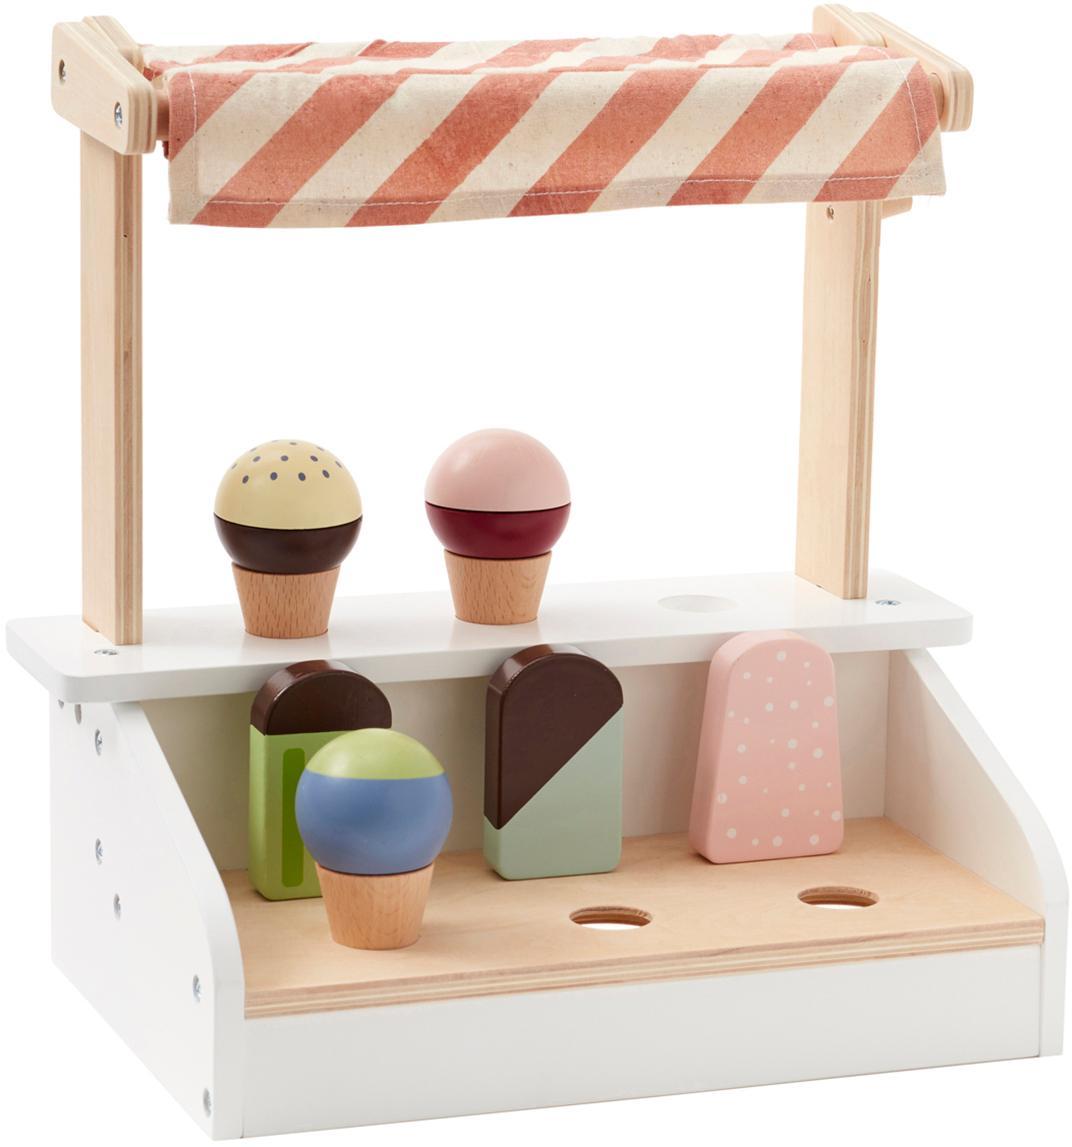 Spielzeug-Set Eisdiele, Buchenholz, Schimaholz, Sperrholz, beschichtet, Baumwolle, Mehrfarbig, 30 x 30 cm